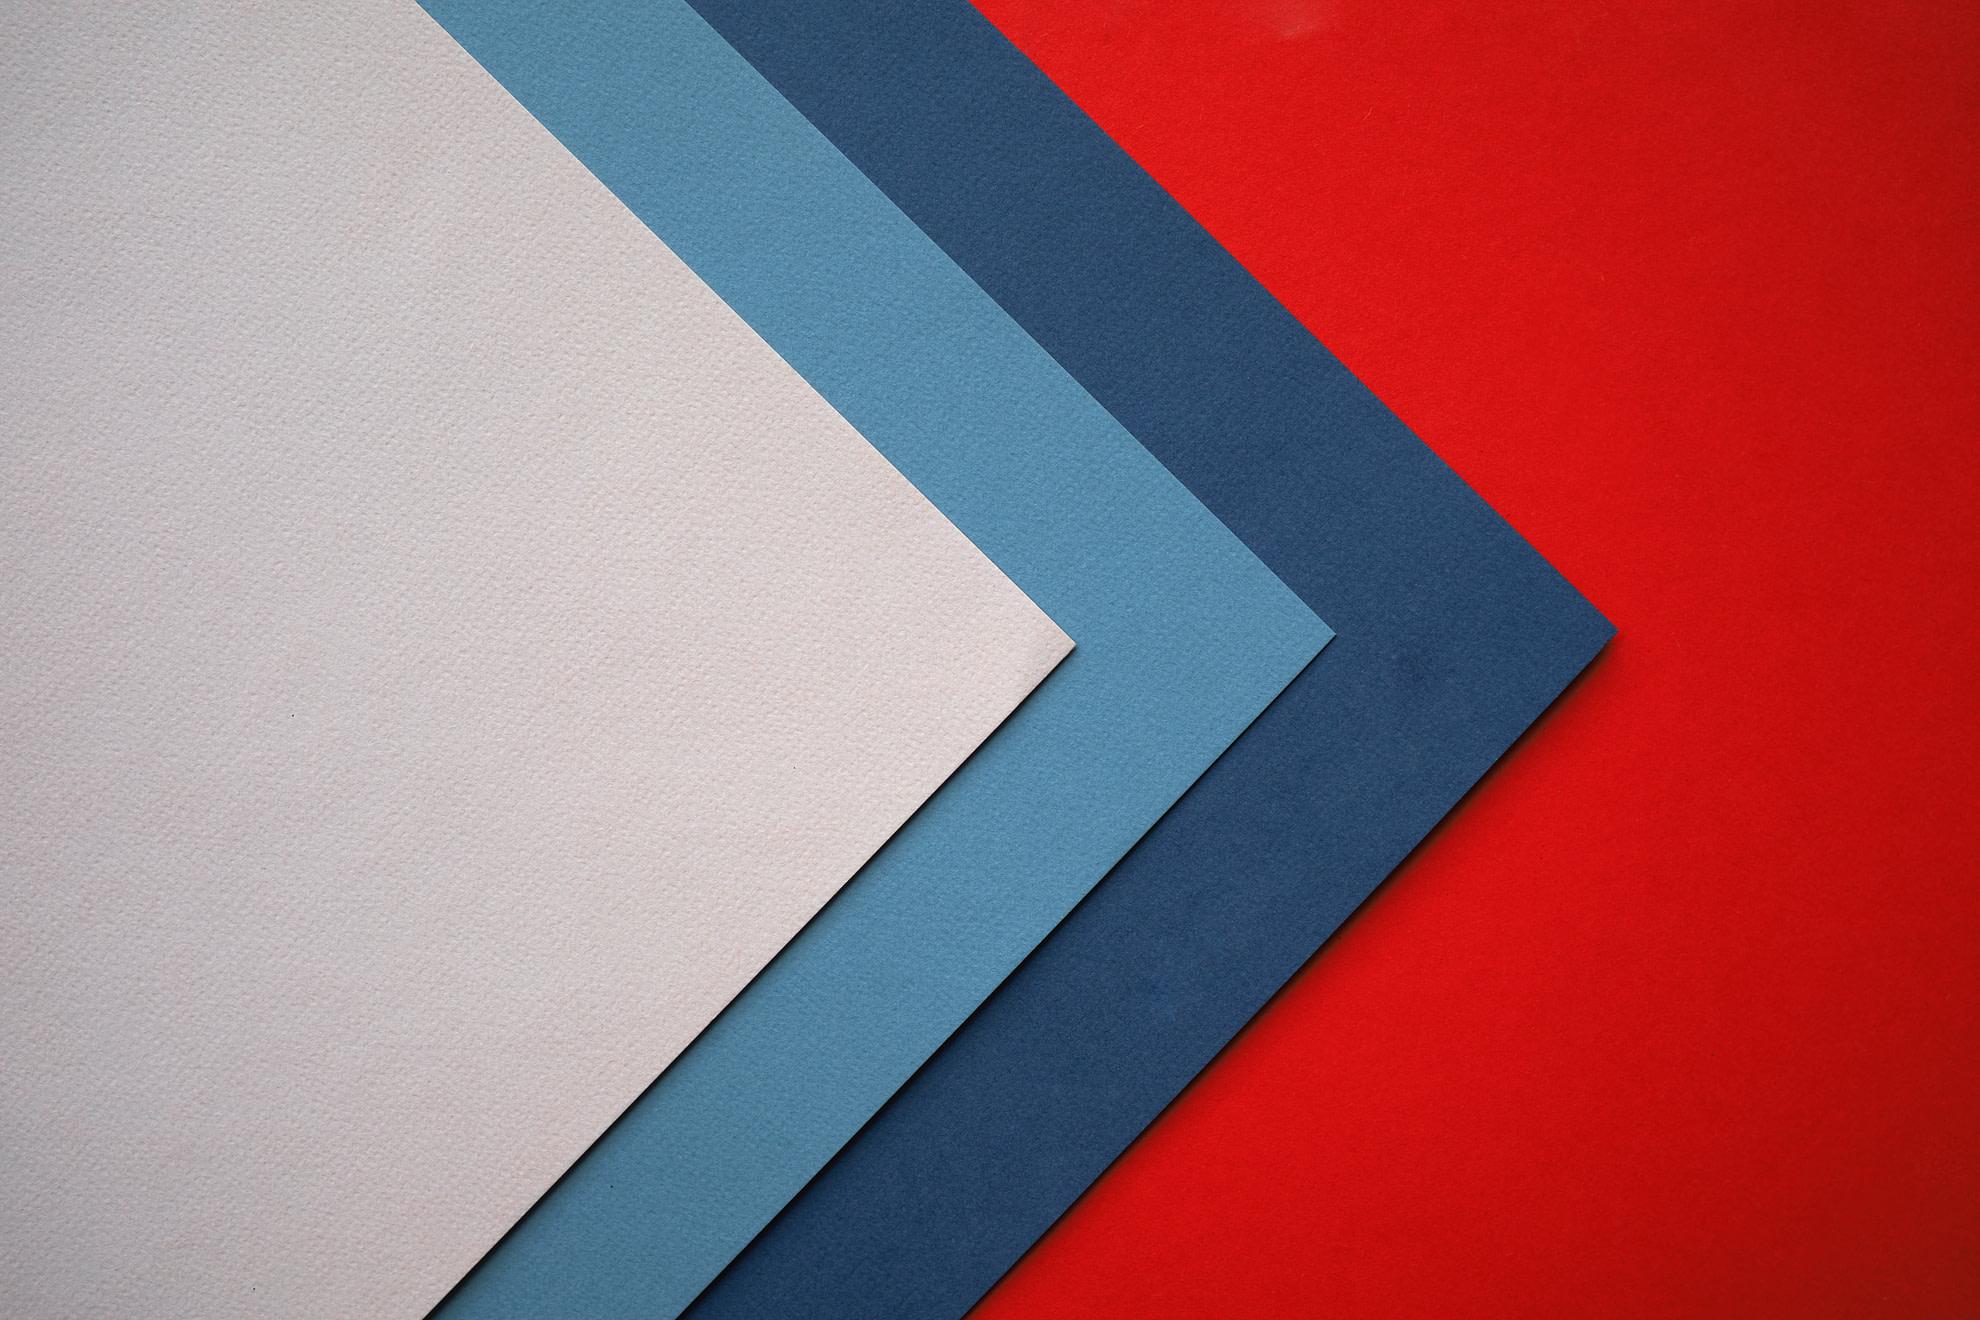 marenostrumgraficas-papel-como-vemos-los-colores